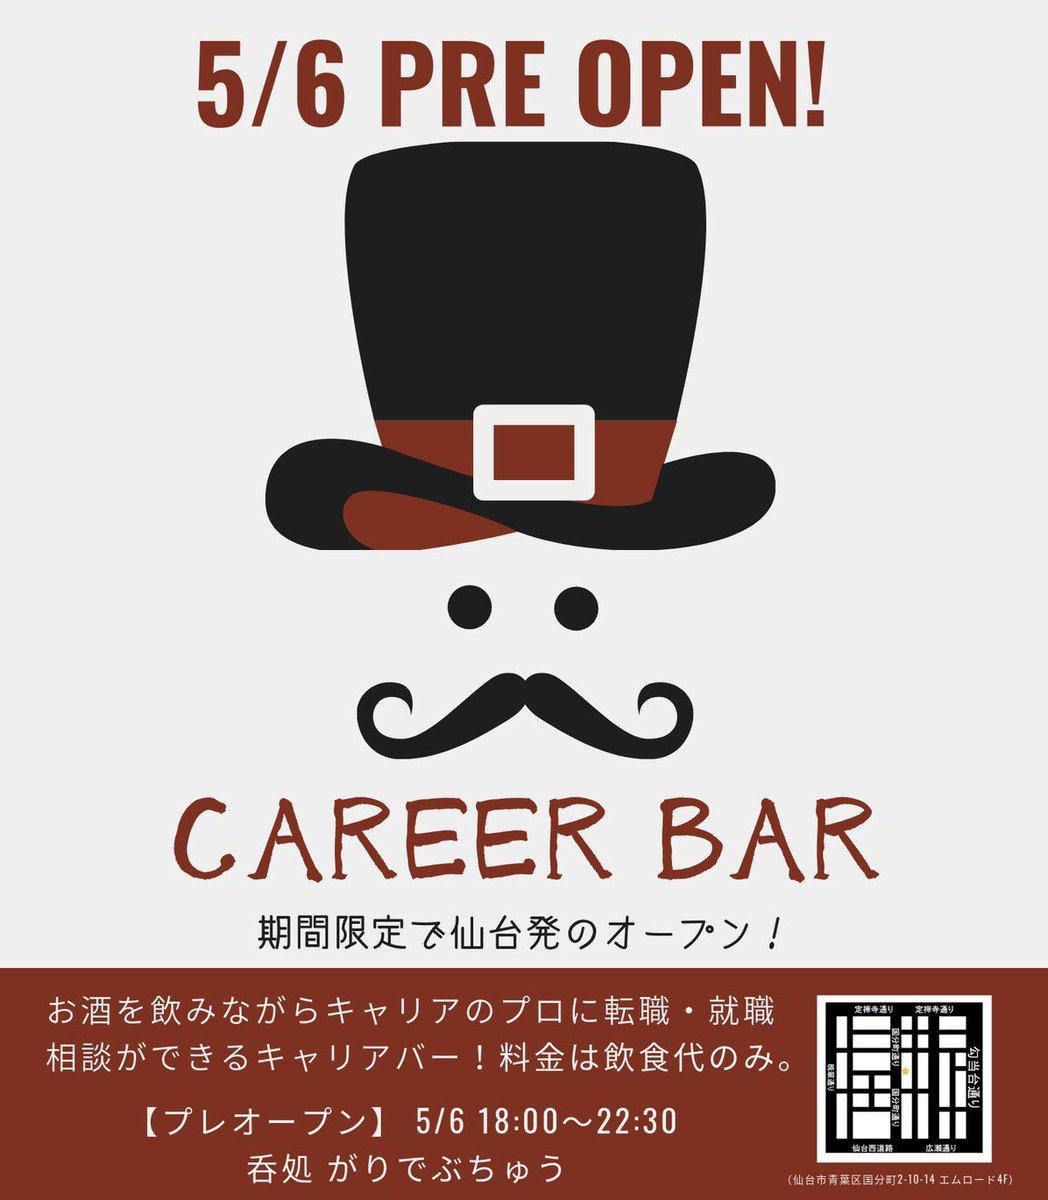 【✨仙台の方々✨】がりでぶちゅうで期間限定でキャリアバーをオープンします!仙台で働くキャリア支援のプロ達(キャリアアドバイザーや企業人事)がお酒を飲みながら若者の転職・就職相談にのります!